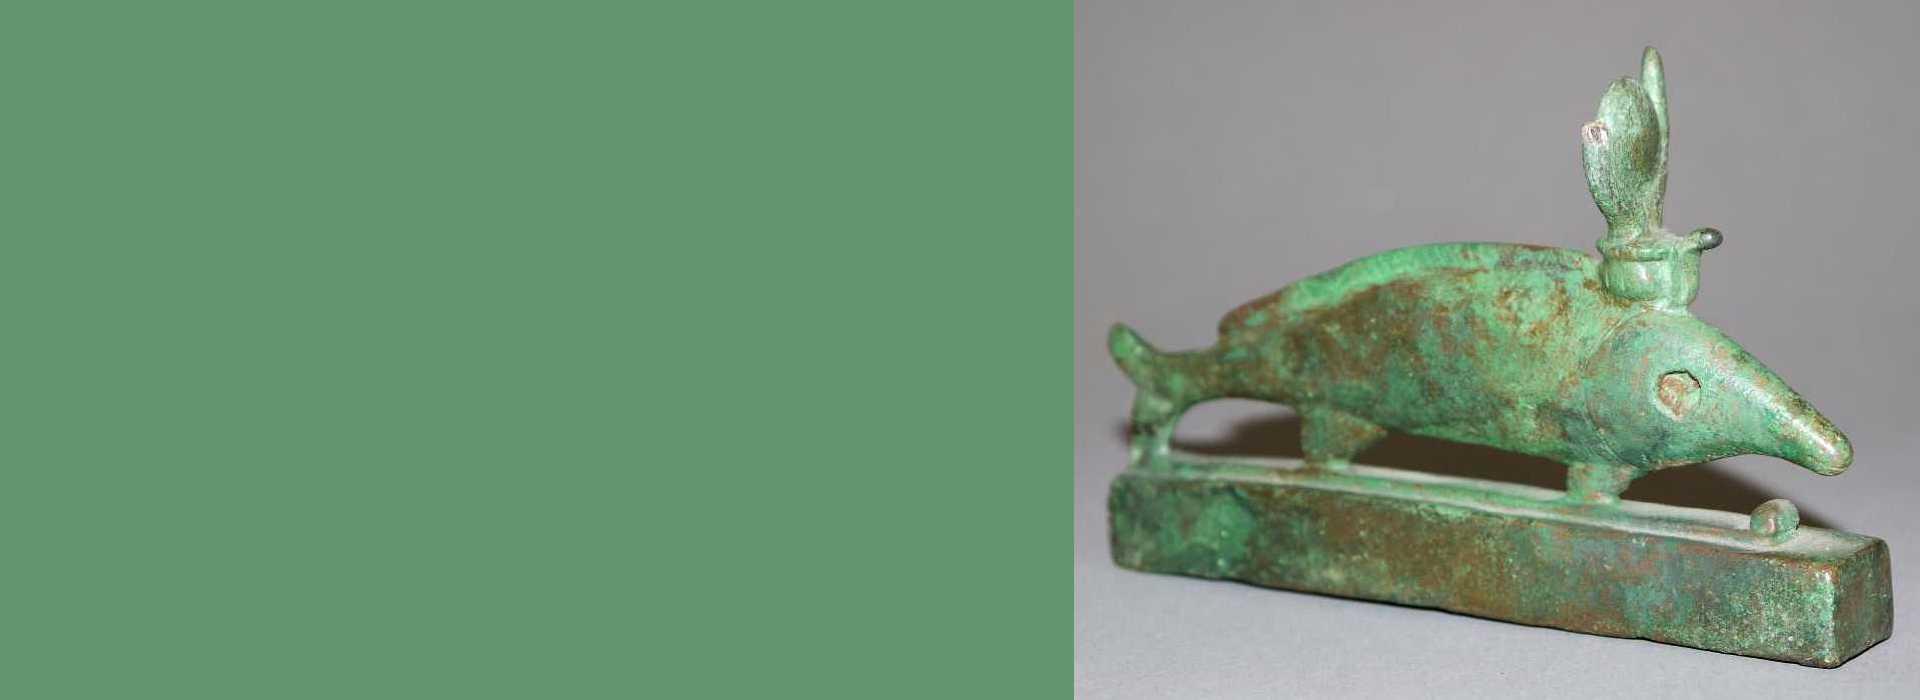 Gott Set als Fisch (Oxyrhynchos-Fisch), Bronze, Ägypten